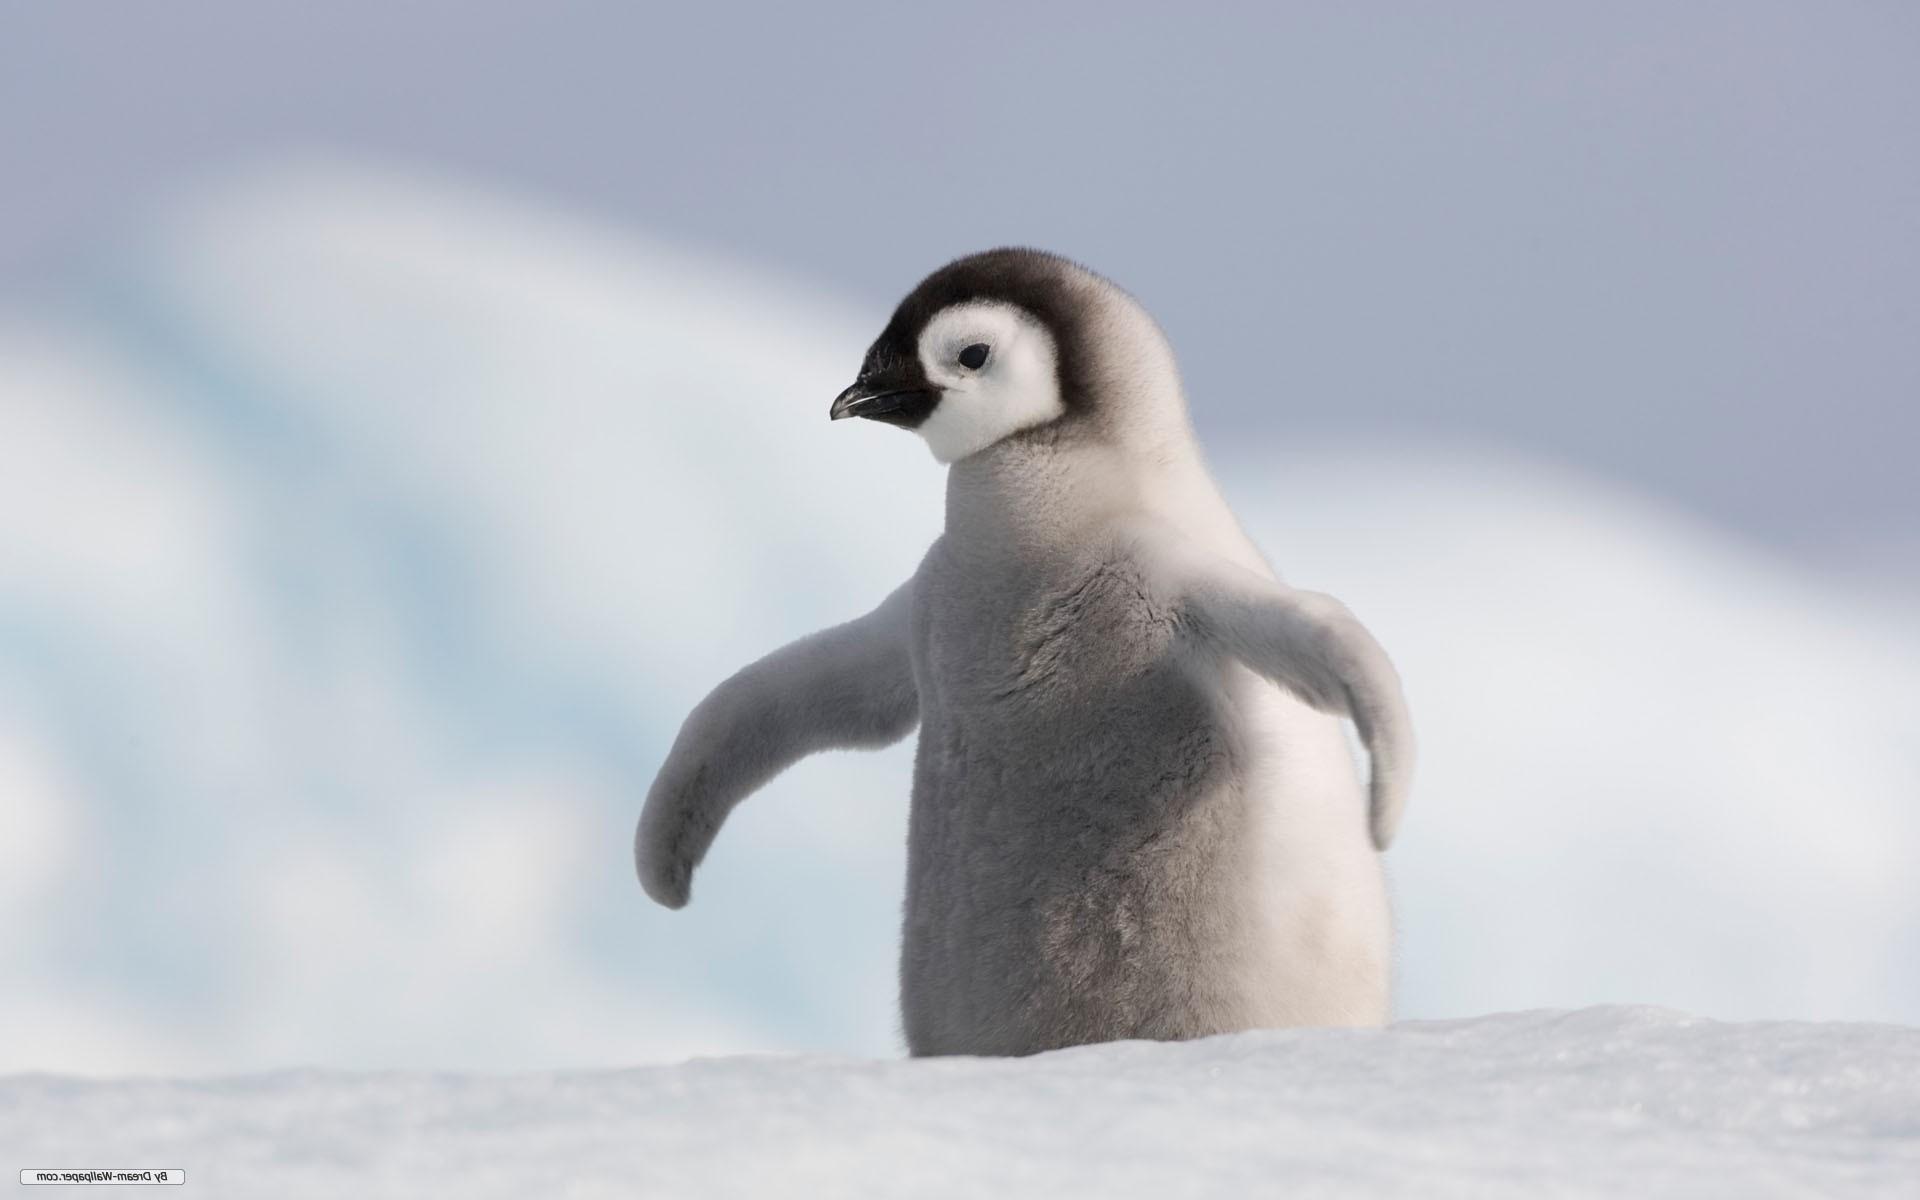 Baby Penguin wallpaper desktop